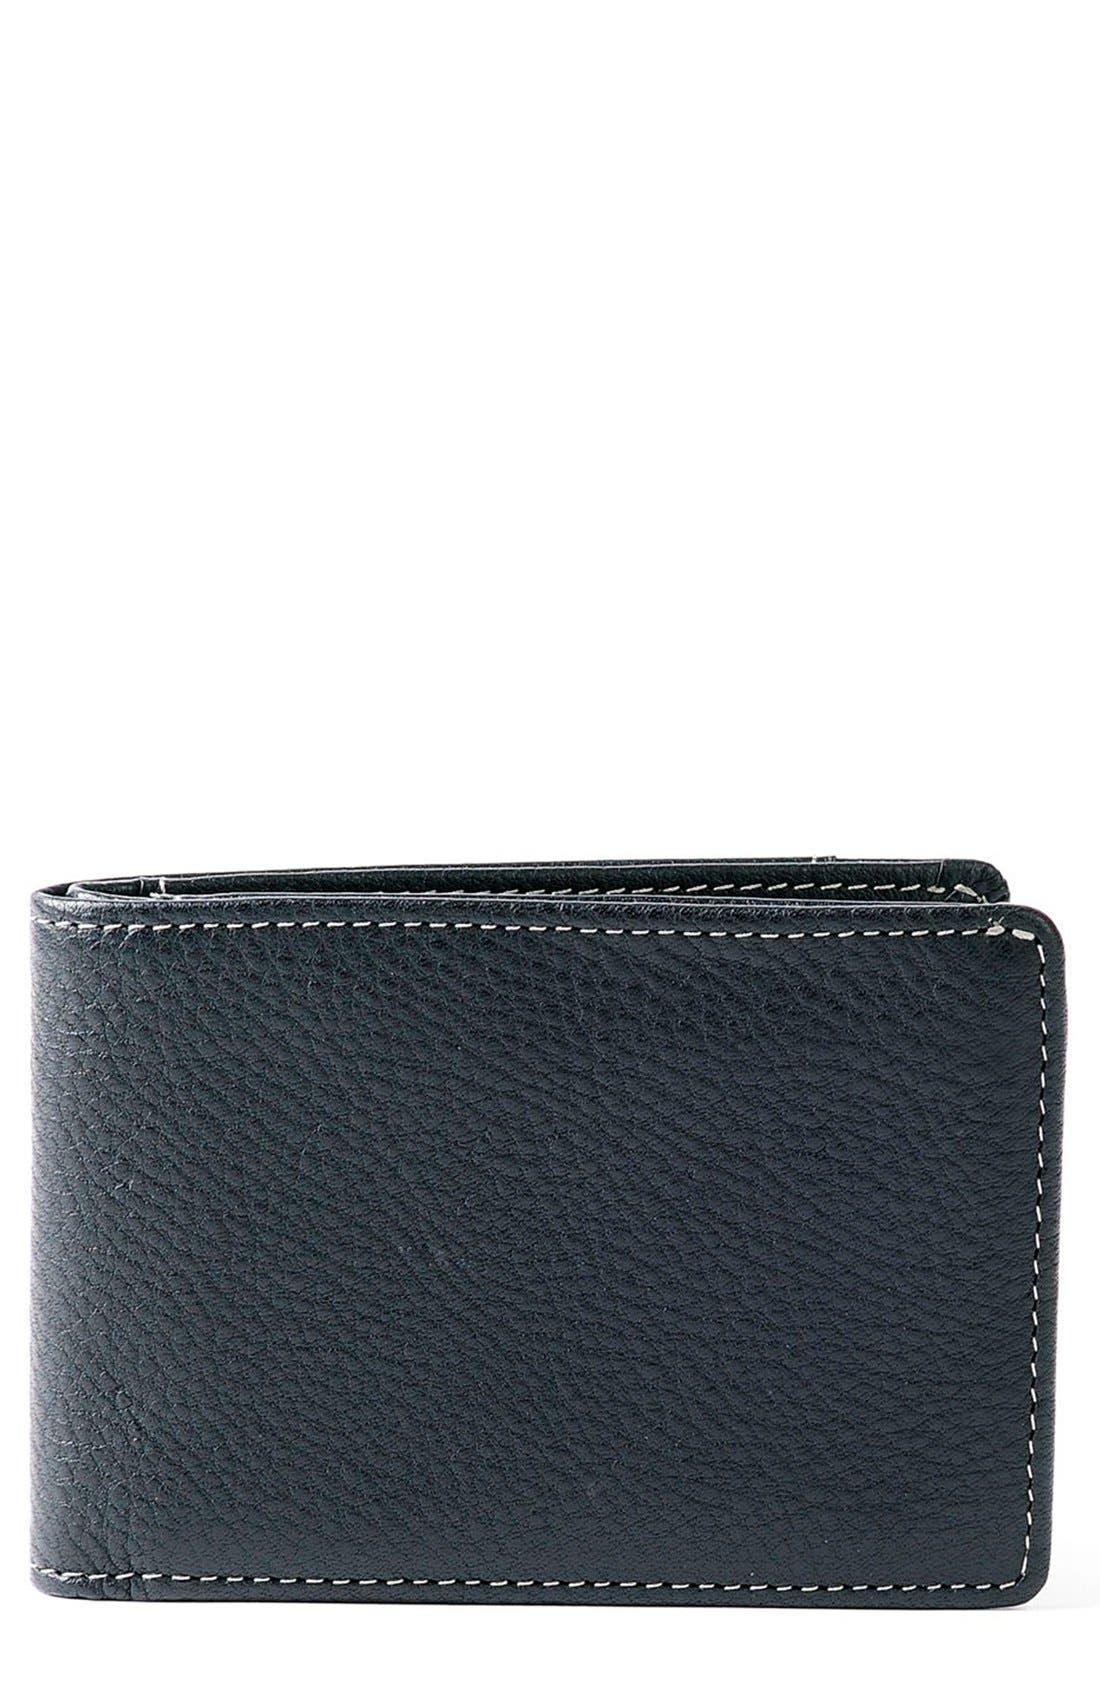 'Tyler' RFID Slimster Wallet,                             Main thumbnail 1, color,                             BLACK